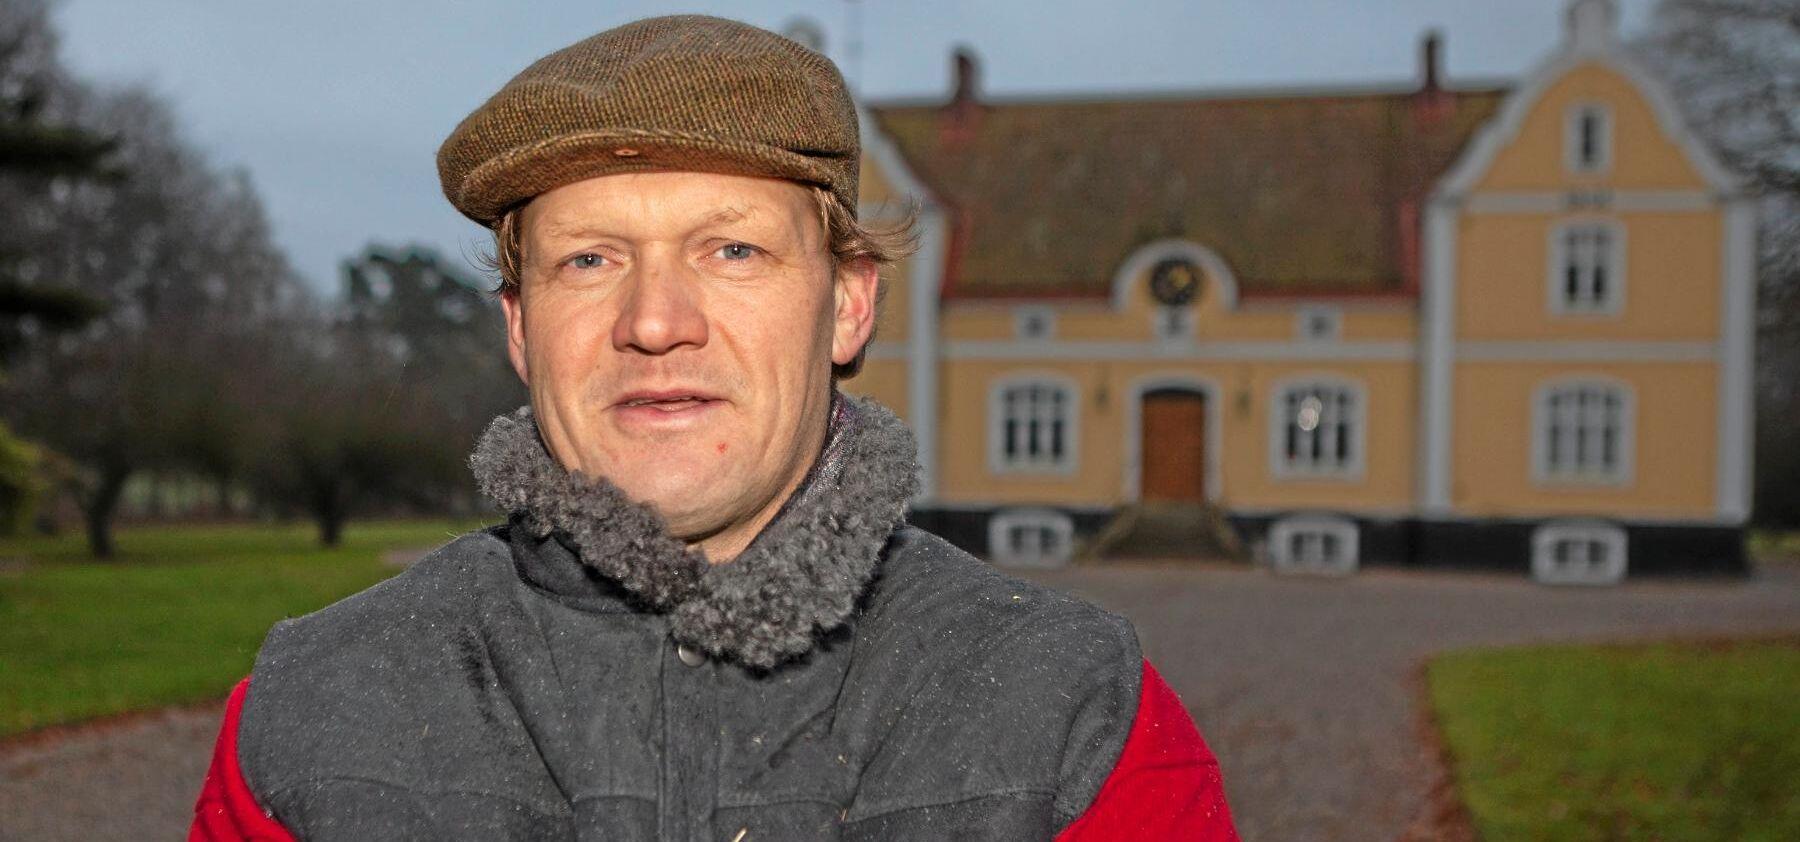 Erik O. R. Bengtsson på Karlsfälts gård deklararerade i höstas att han skulle sluta med sockerbetor - men nästa år är sockerbetorna tillbaka igen.